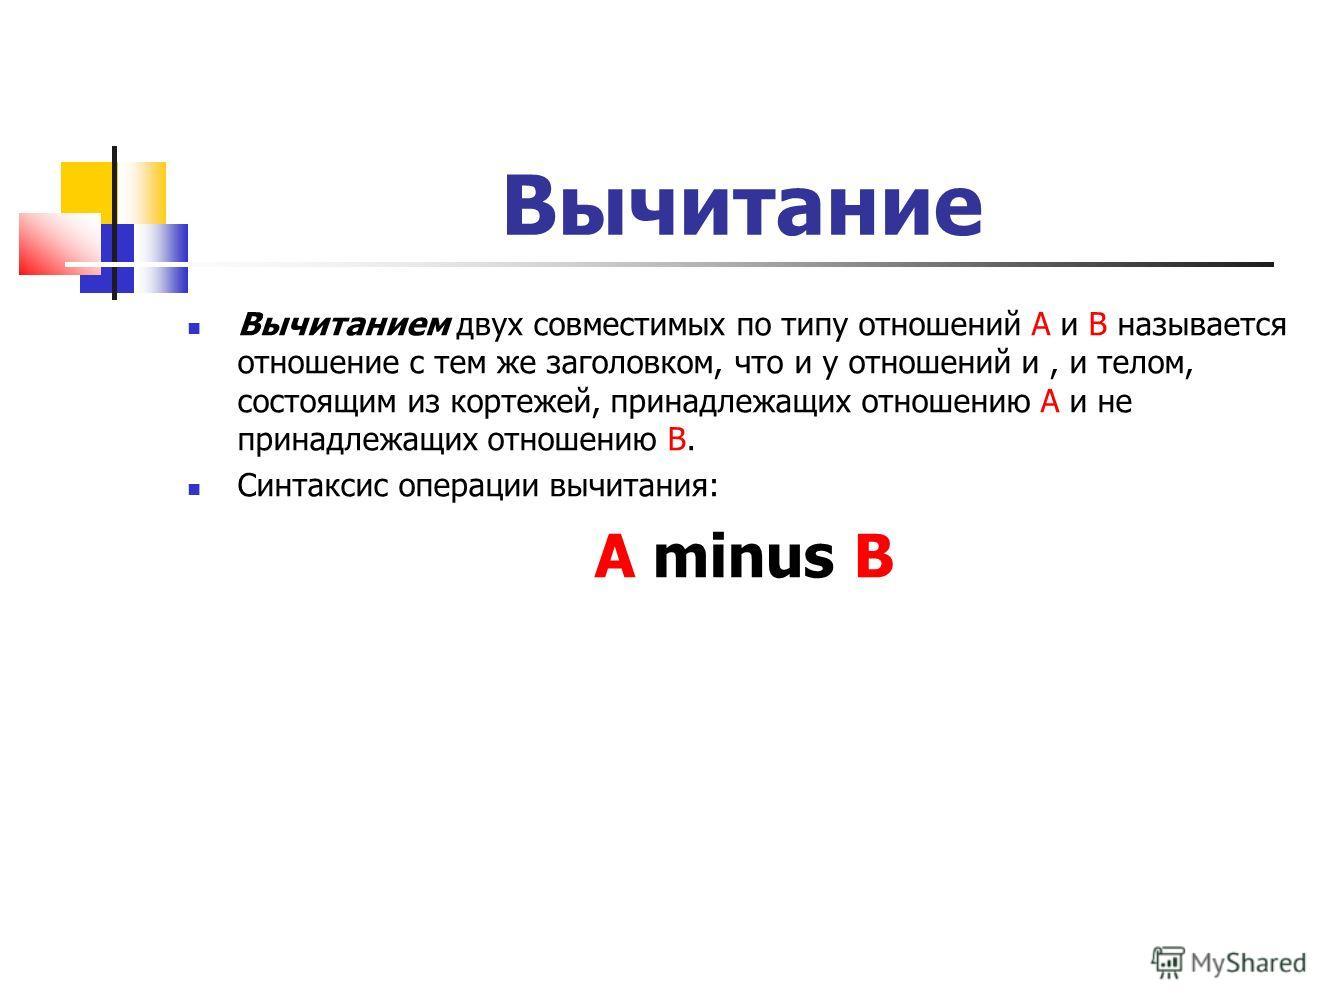 Вычитание Вычитанием двух совместимых по типу отношений A и B называется отношение с тем же заголовком, что и у отношений и, и телом, состоящим из кортежей, принадлежащих отношению A и не принадлежащих отношению B. Синтаксис операции вычитания: A min